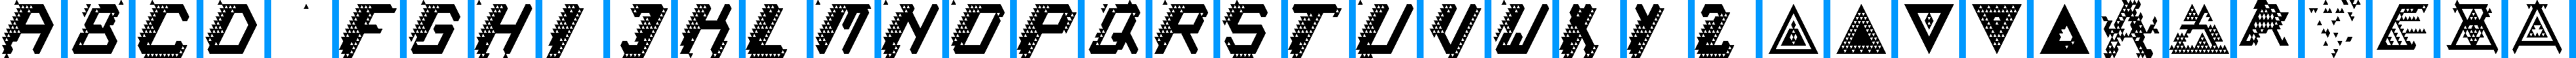 Particip-a-type v.219